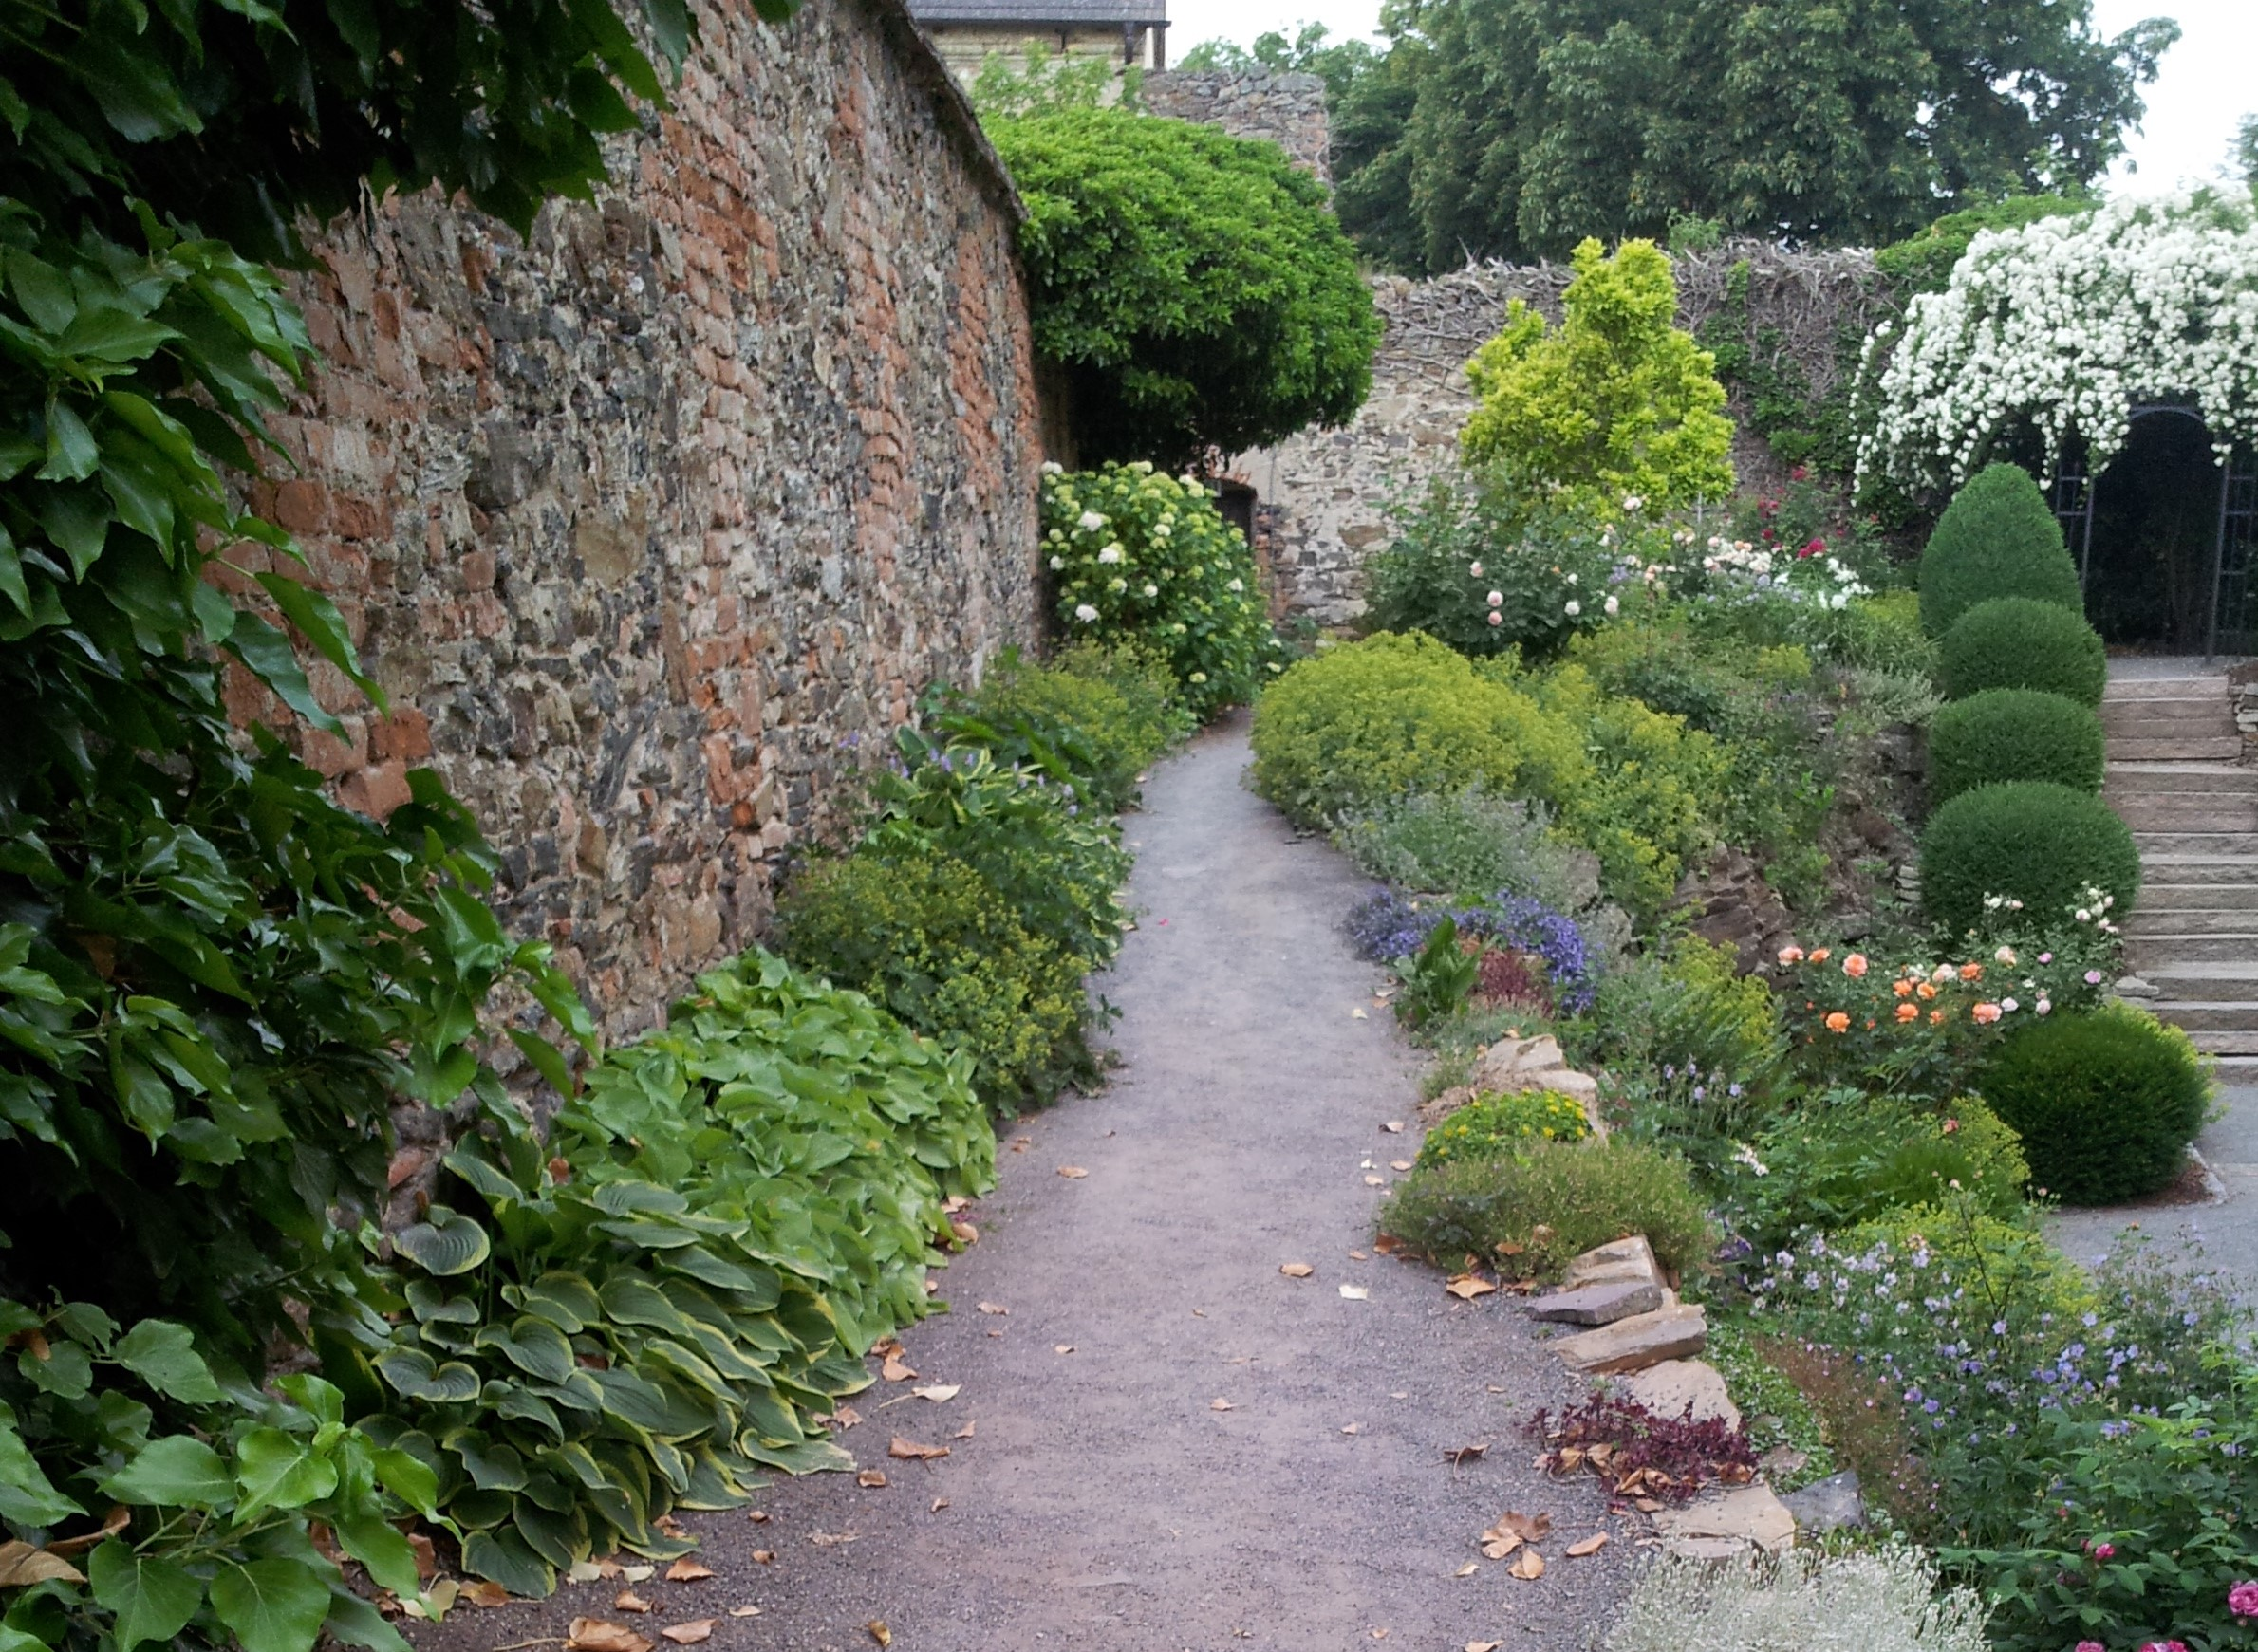 Ein Gartenweg auf dem die Naturgartenseele wandelt